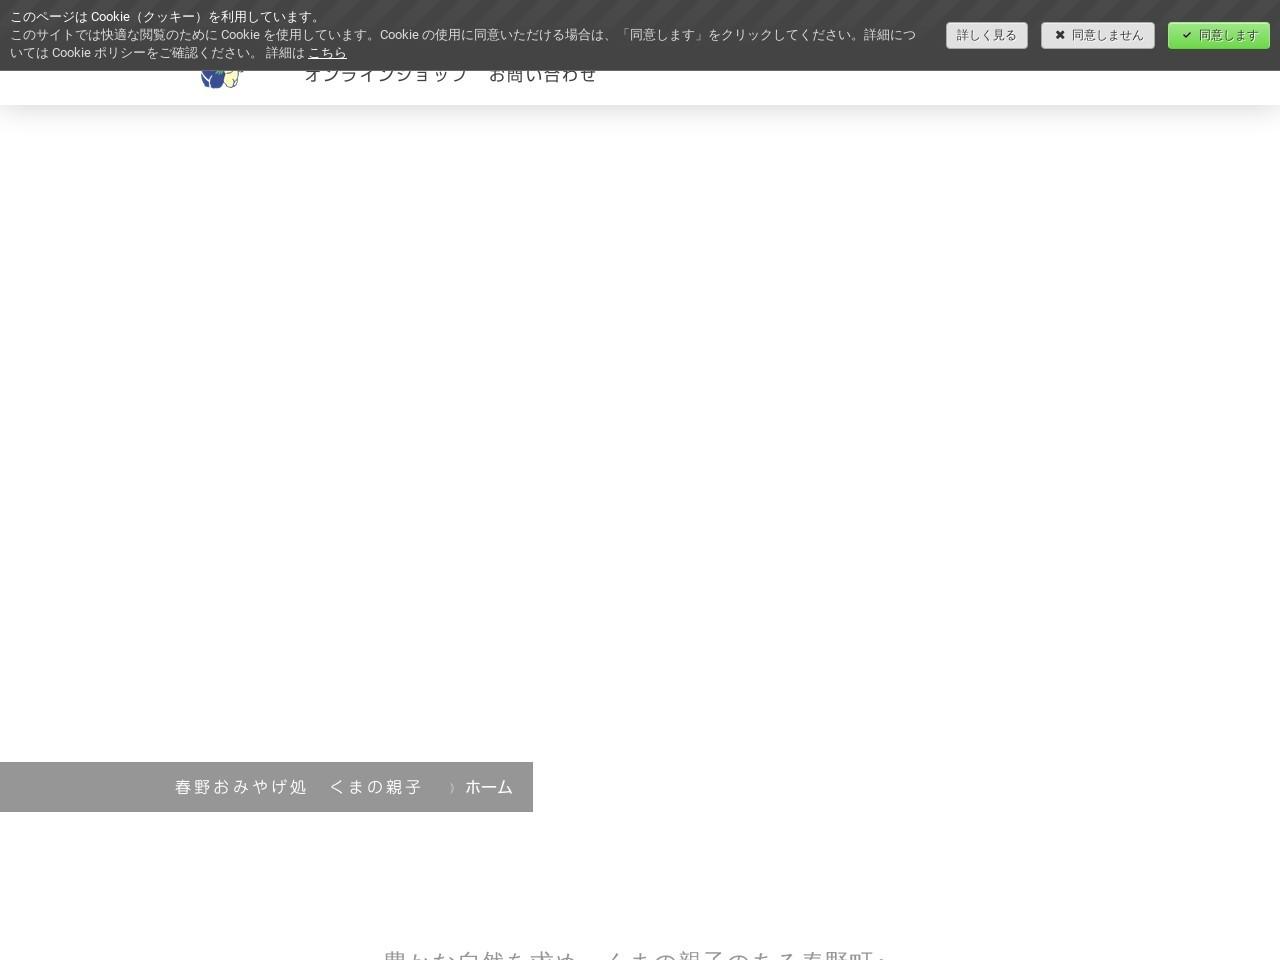 静岡 浜松市春野町の観光拠点 春野いきいき天狗村